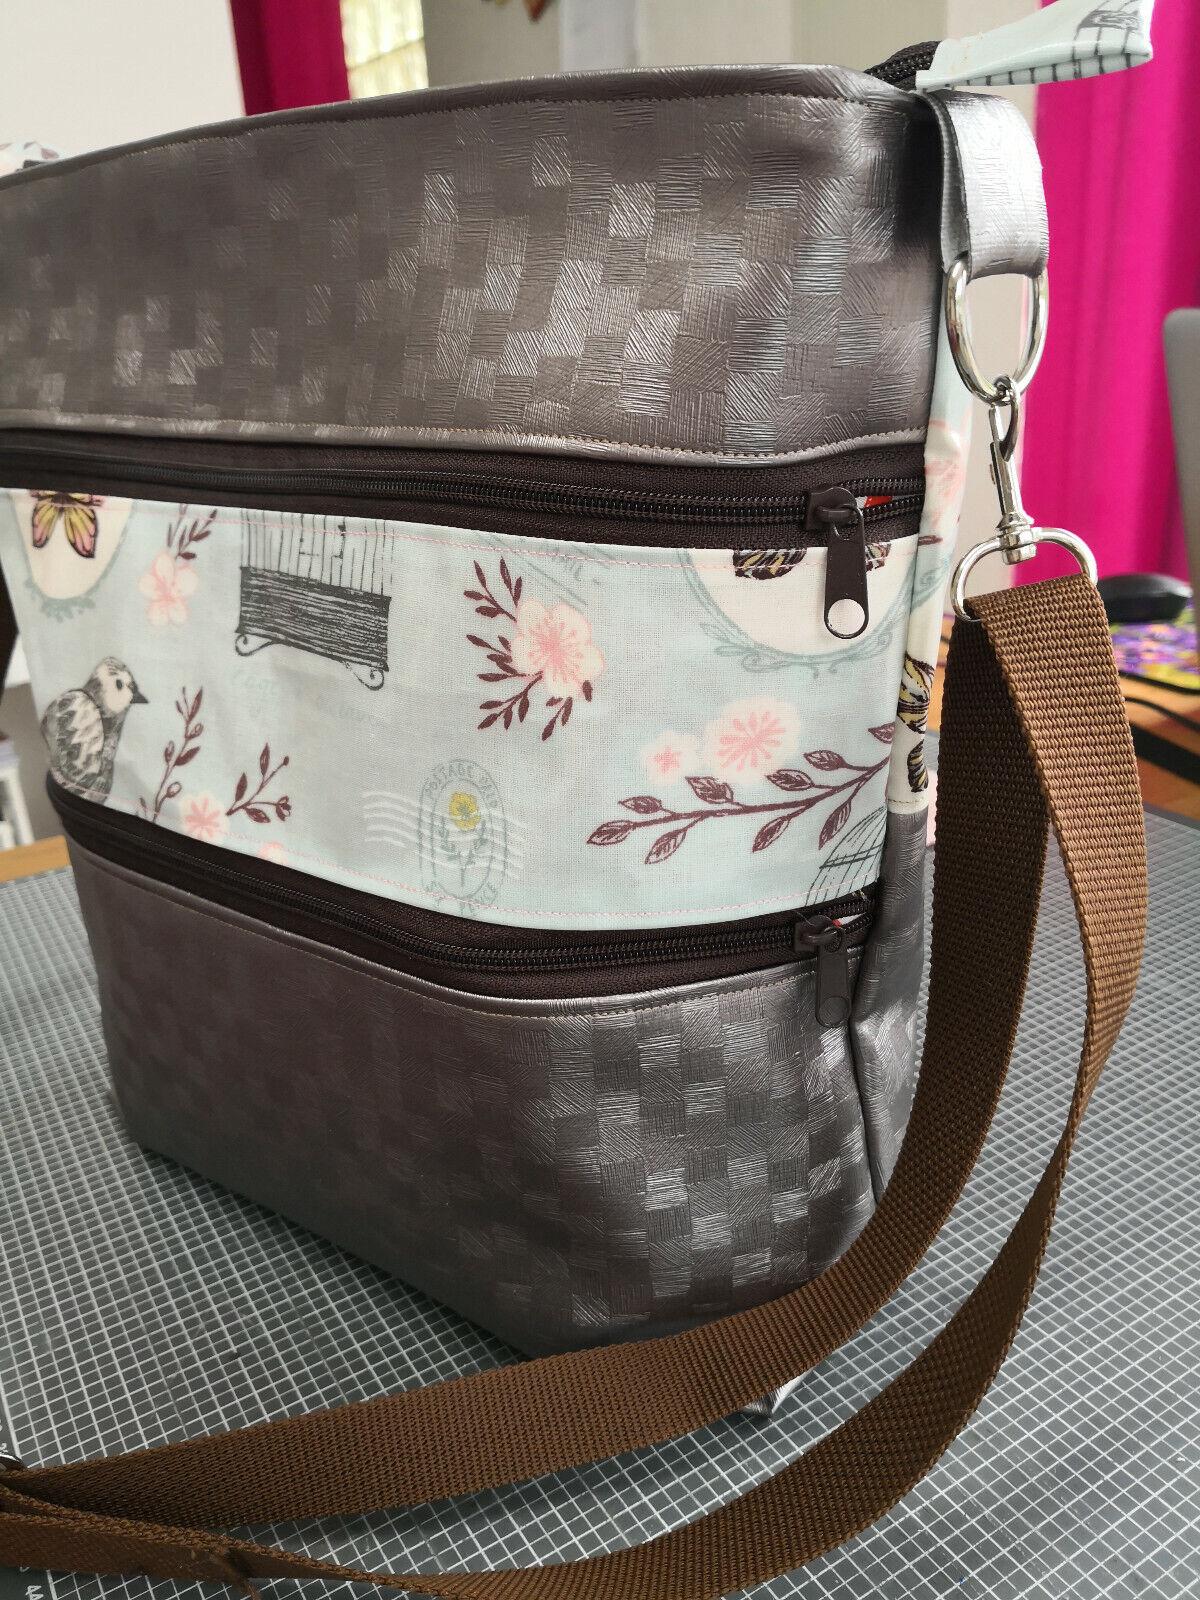 cb7aae4cca096 Handtaschen Damen Viele Fächer Test Vergleich +++ Handtaschen Damen ...